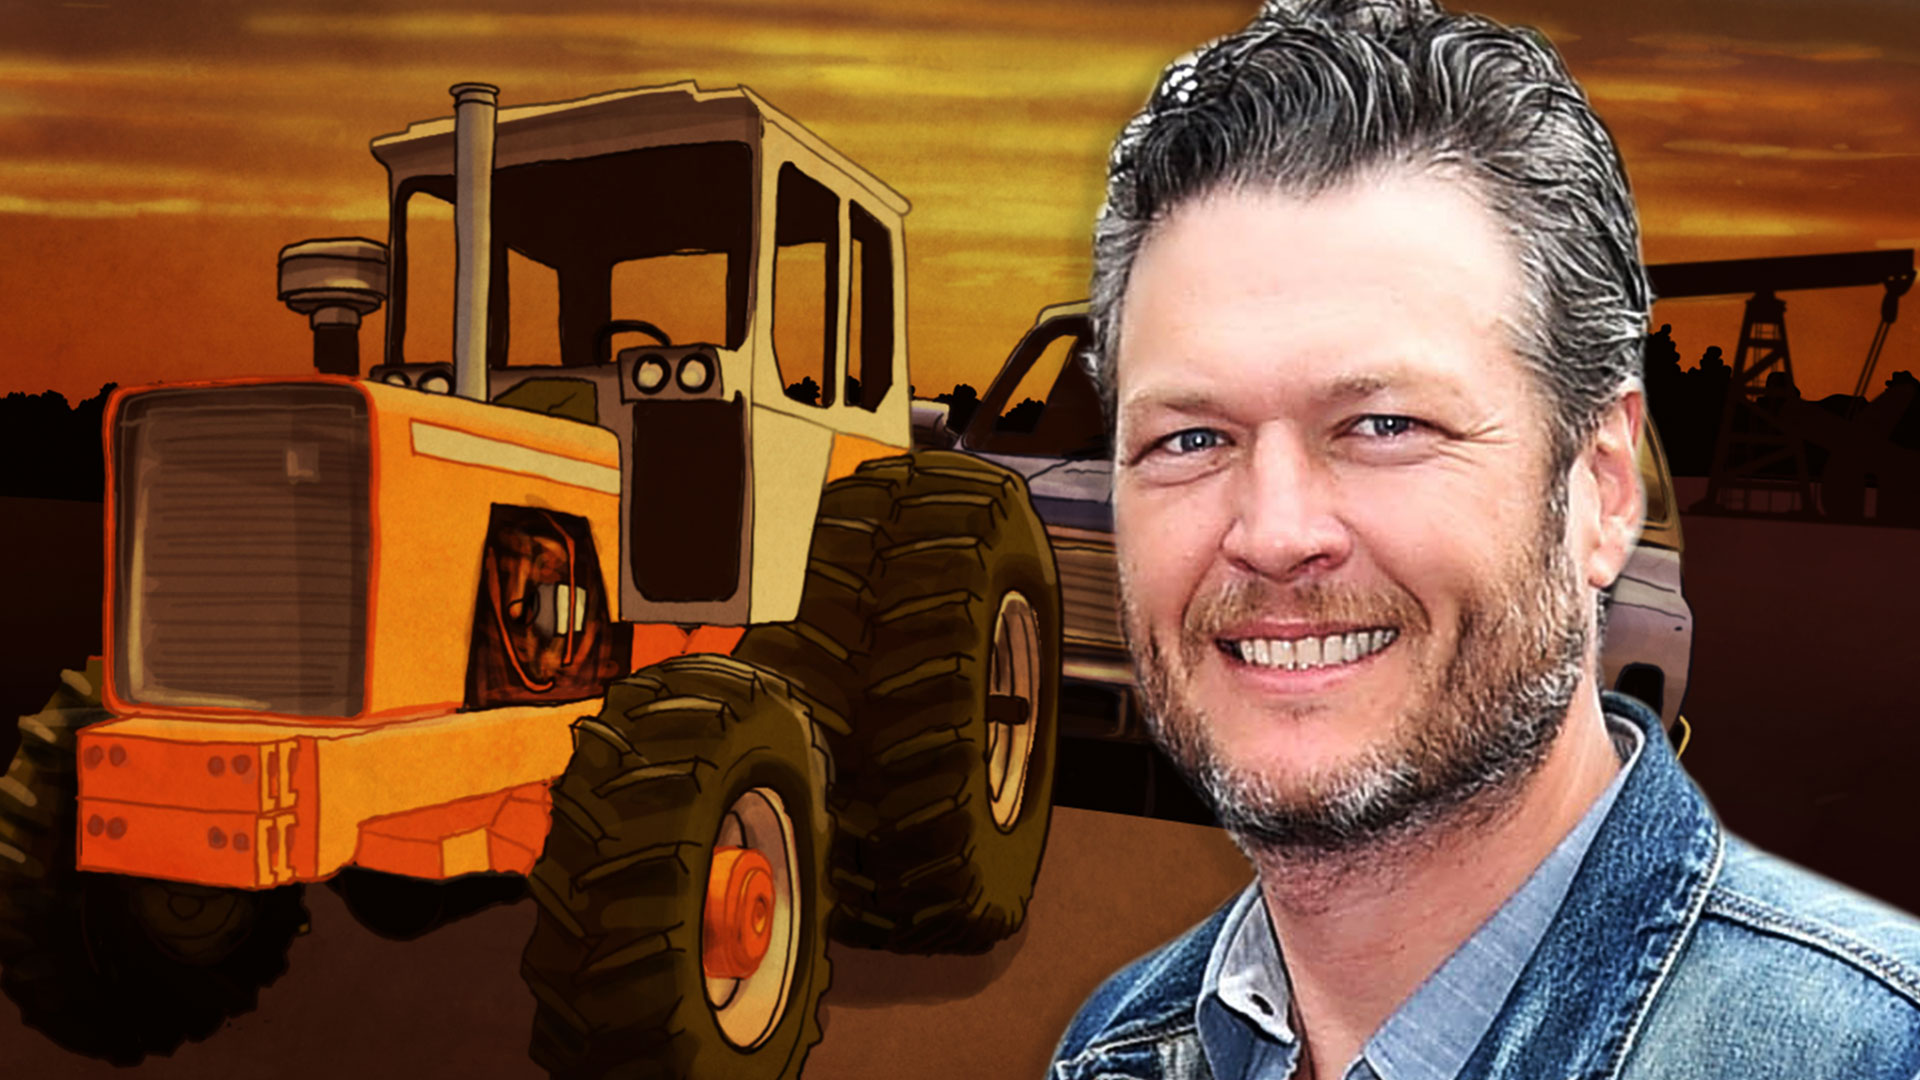 Biography: Blake Shelton